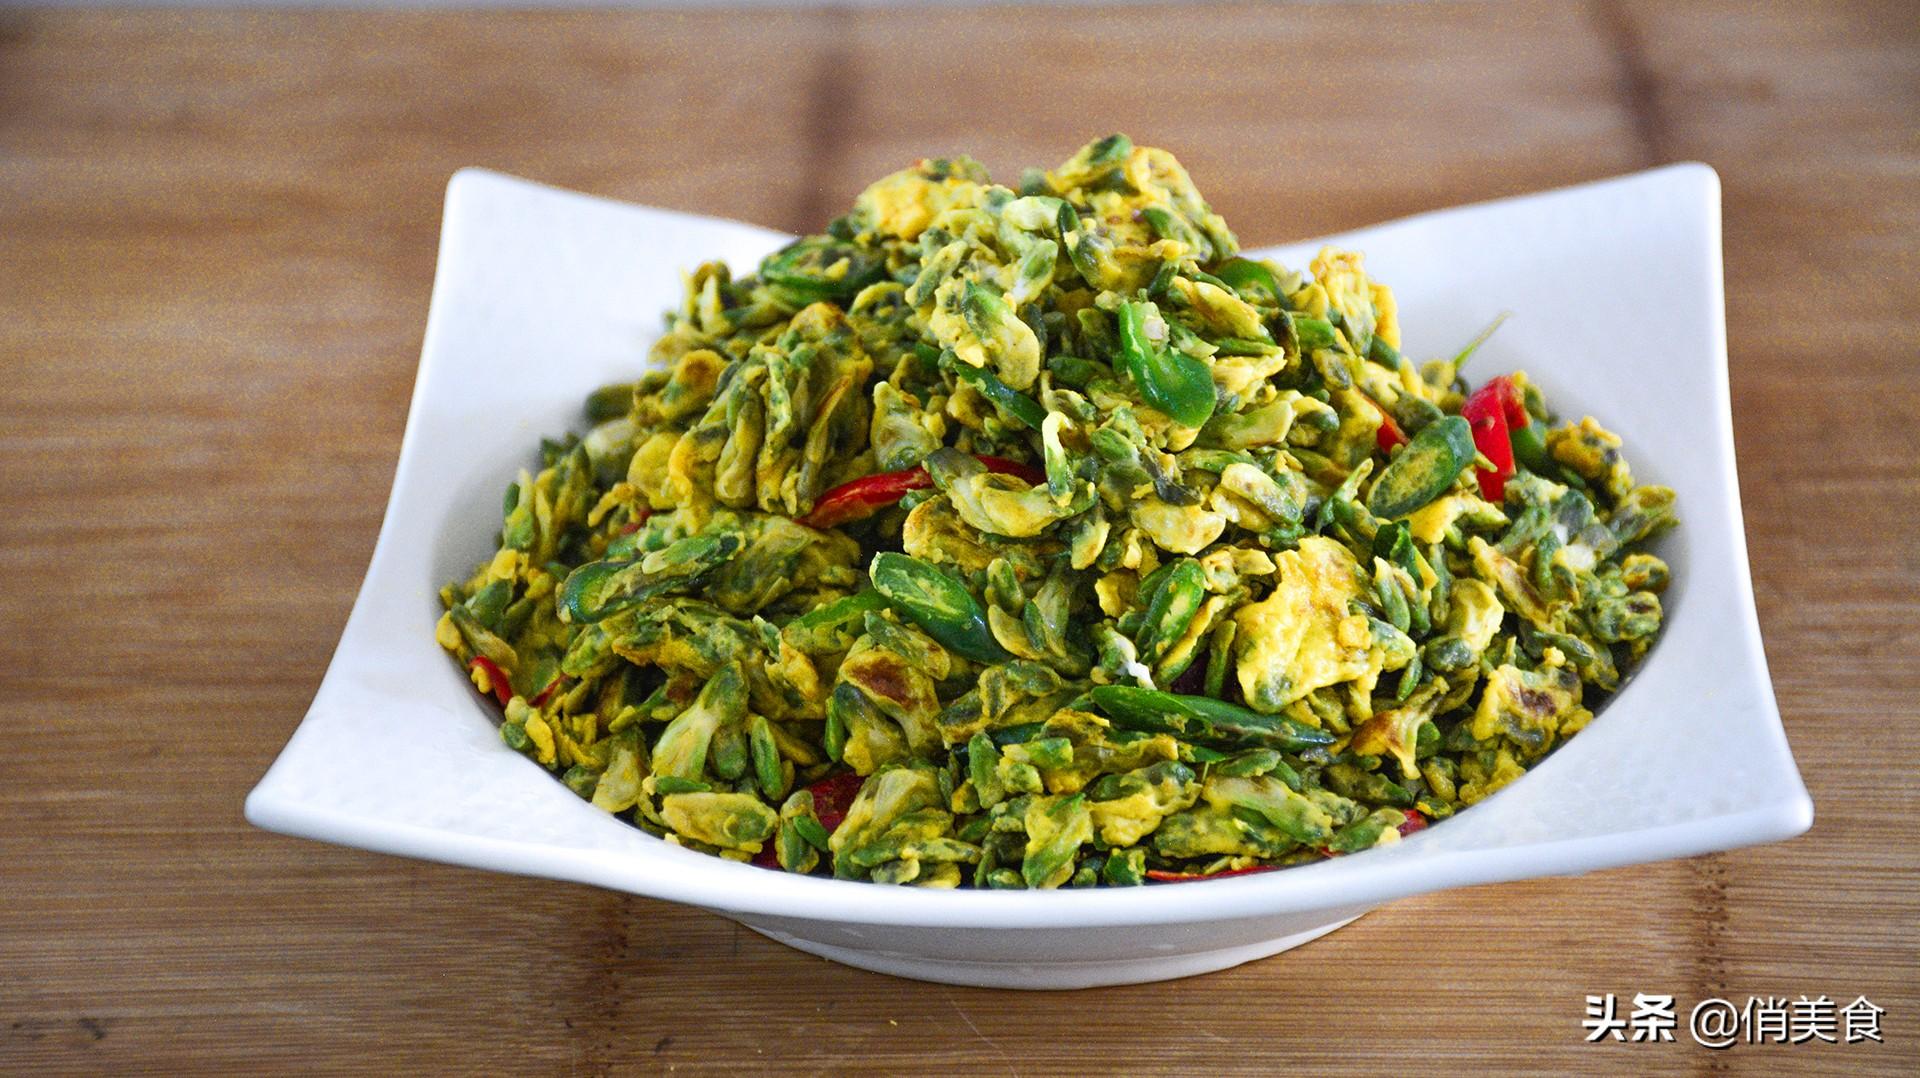 四月槐花香,清火又养颜,最美味的6款做法,一个比一个好吃 美食做法 第43张